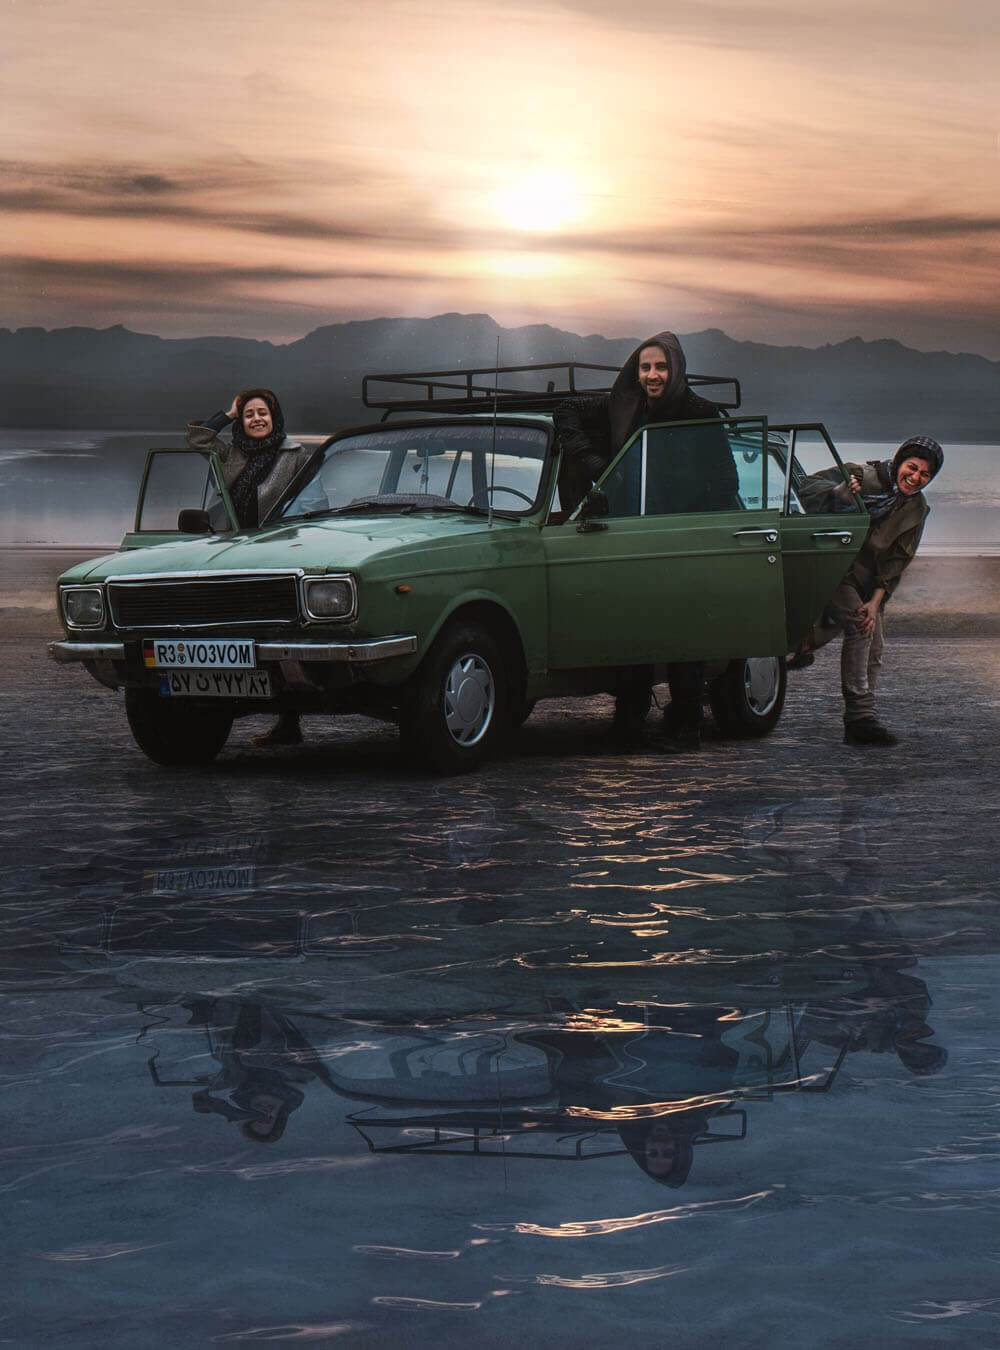 دانلود فیلم جدید ایرانی بوتاکس   1400